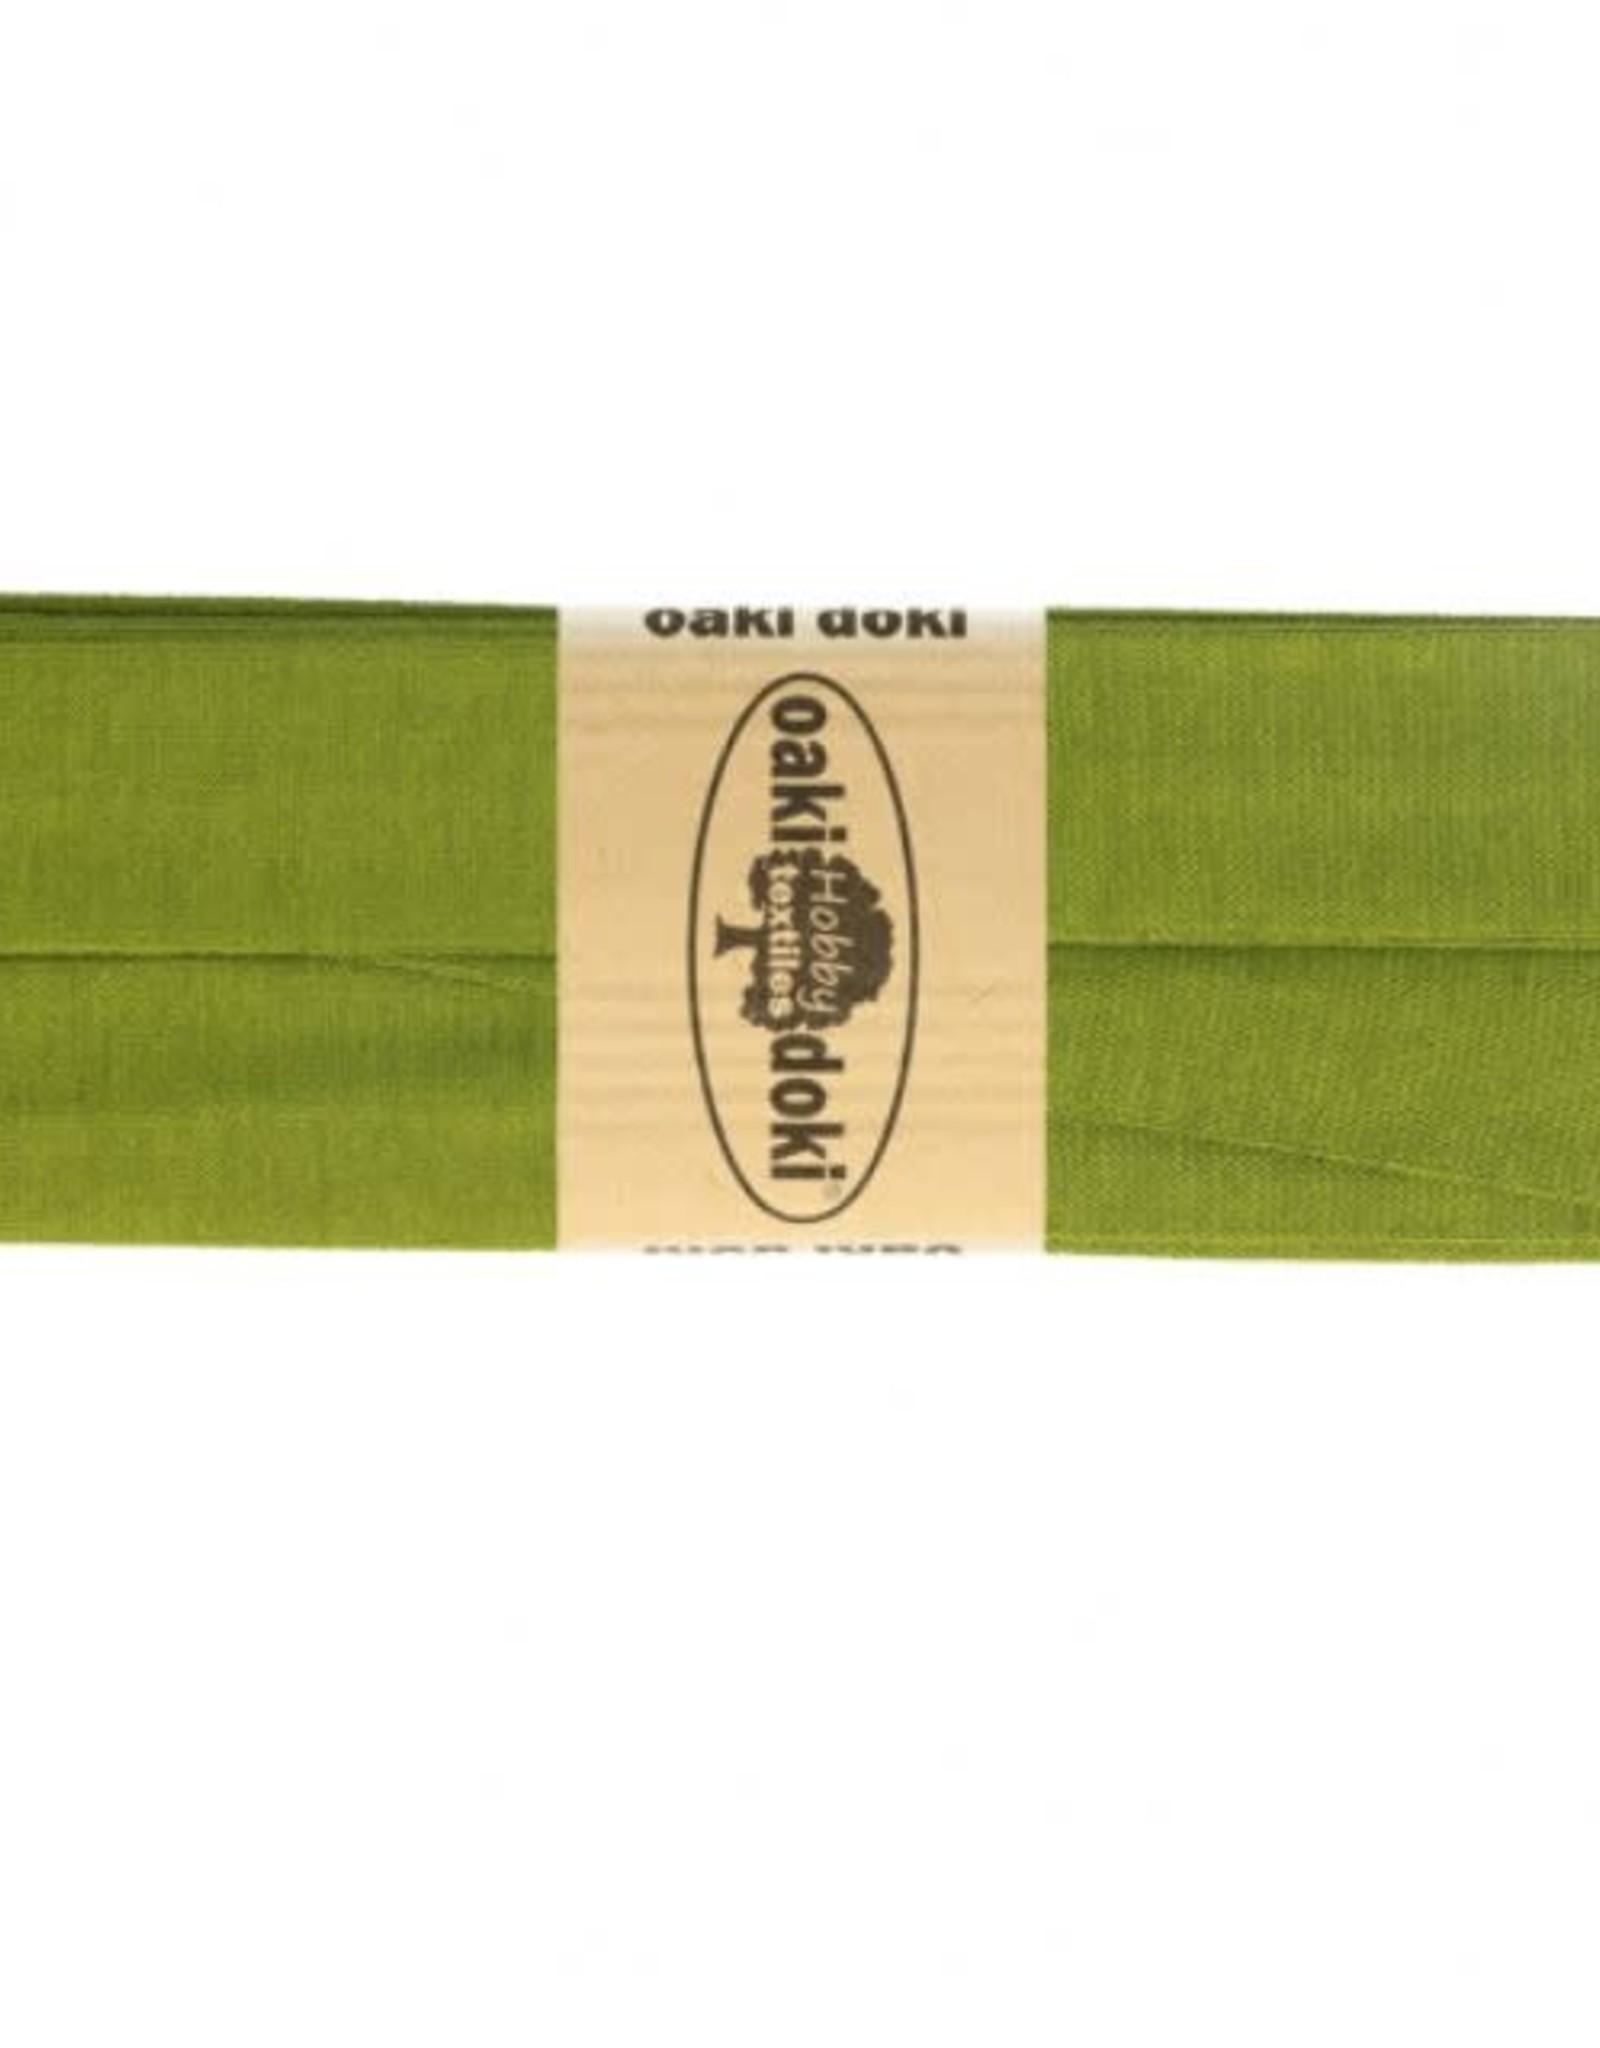 Oaki Doki Biais tricot de luxe Oaki Doki mosgroen 430